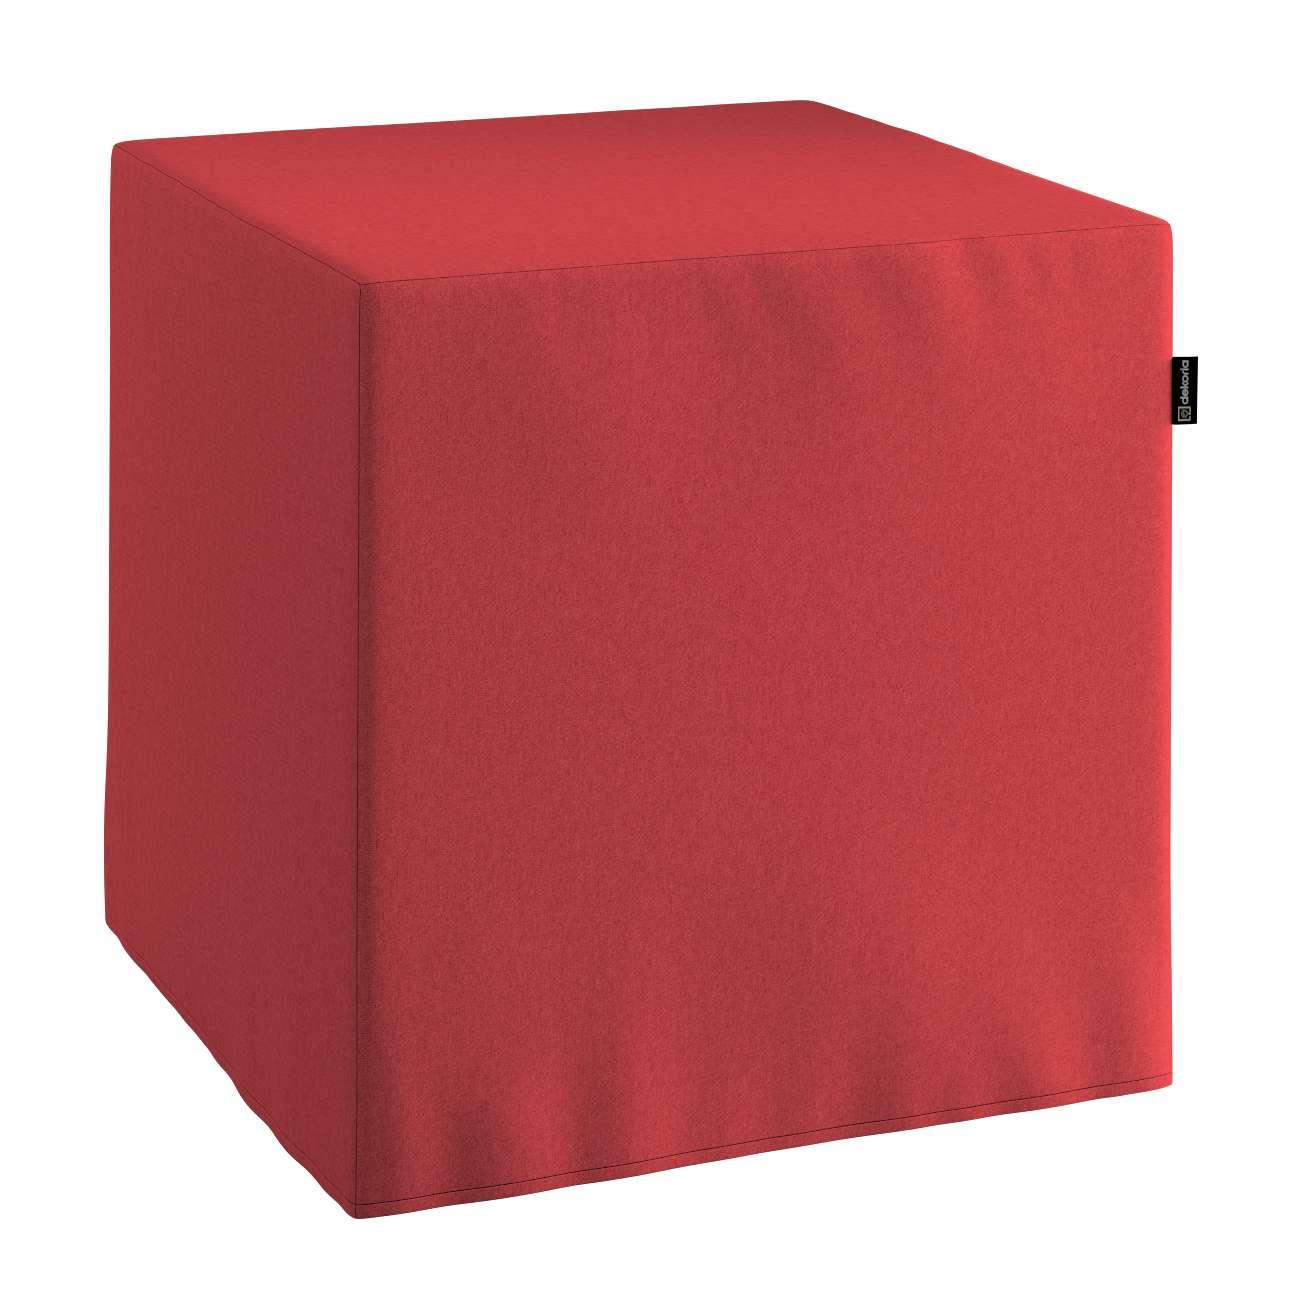 Pokrowiec na pufę kostkę w kolekcji Living, tkanina: 161-56